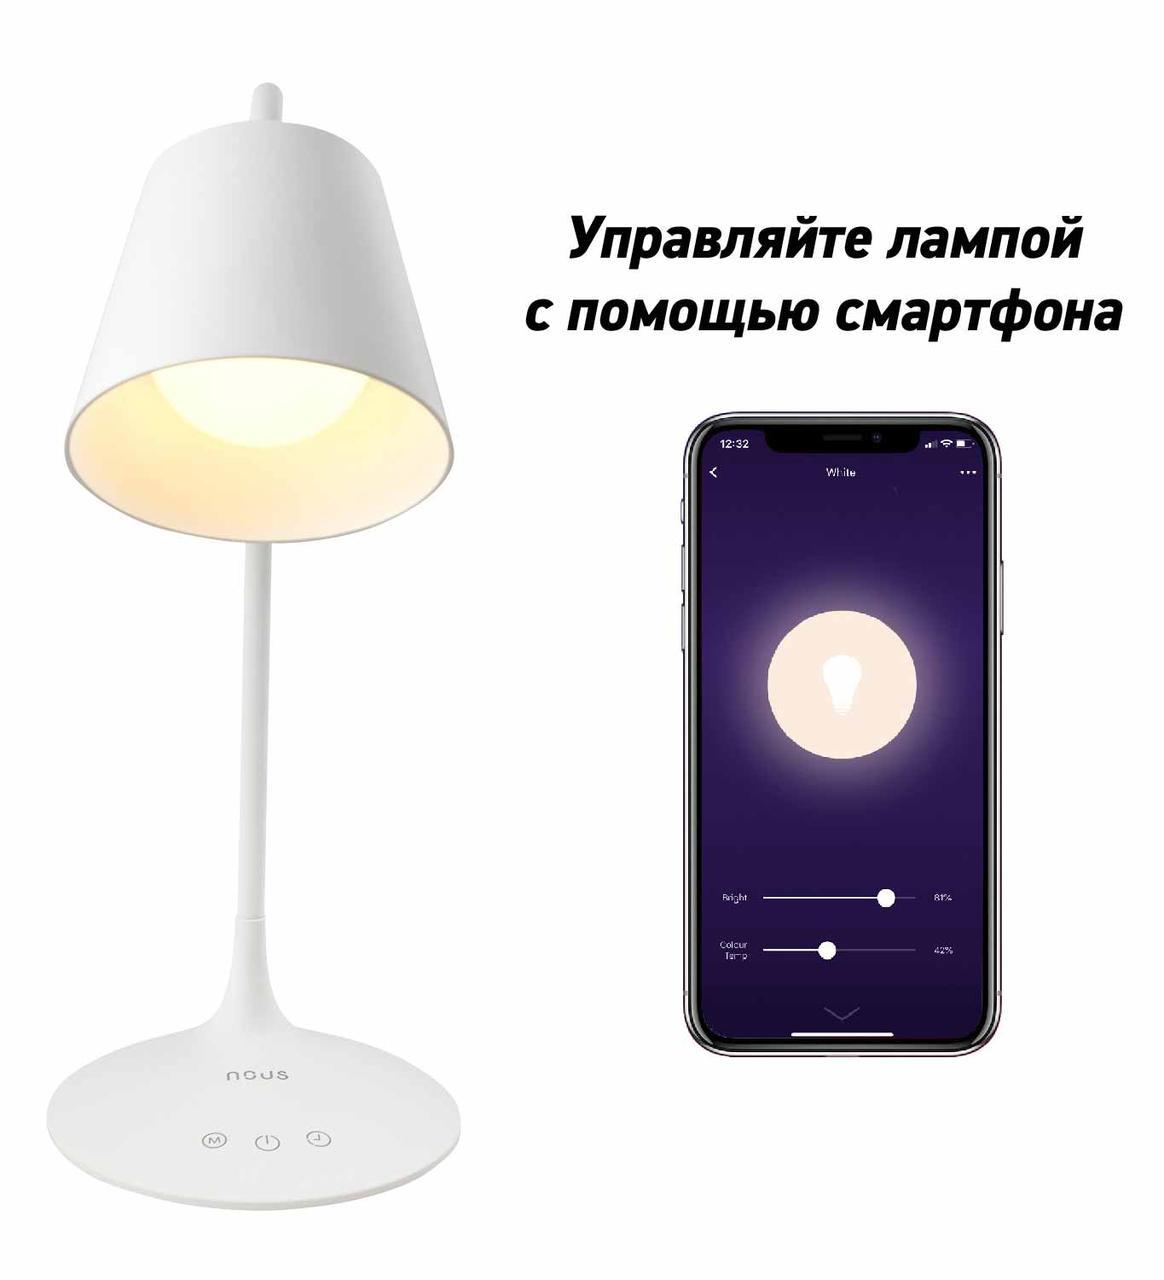 LED лампа настільна NOUS S2 6W 2700-6500K з Wi-Fi + таймер вимкнення